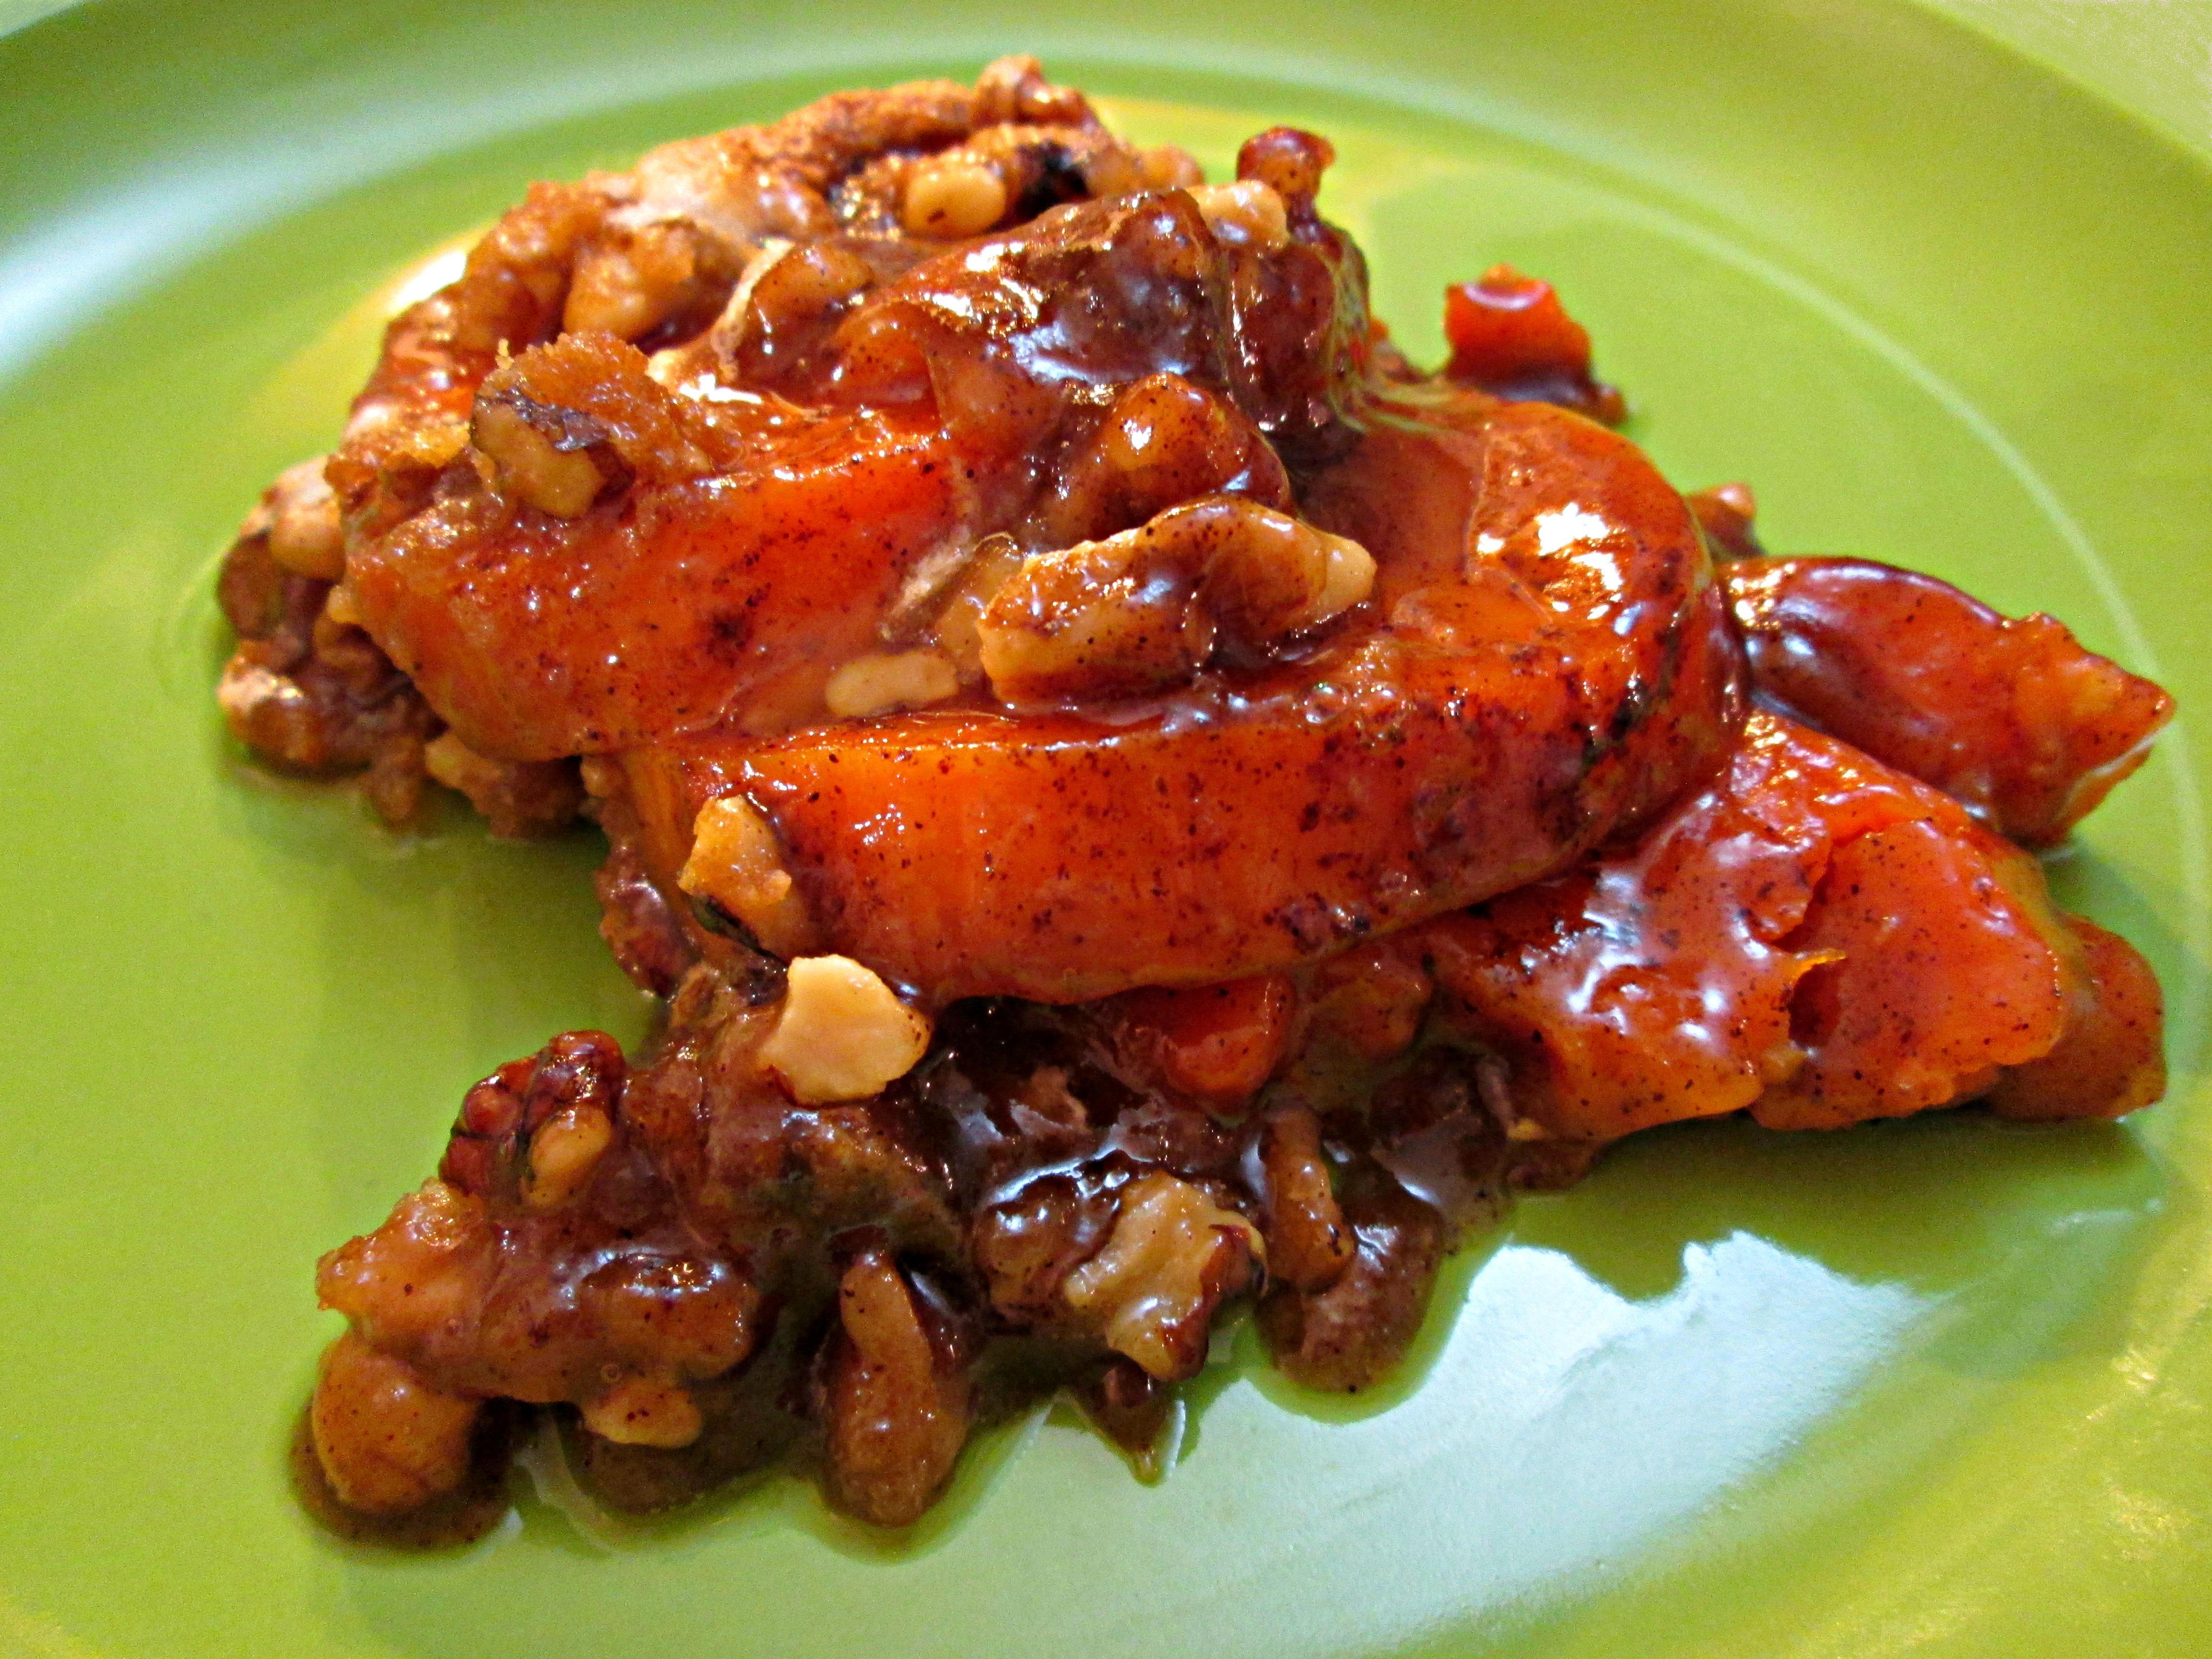 sweet-potato-casserole-main-pic